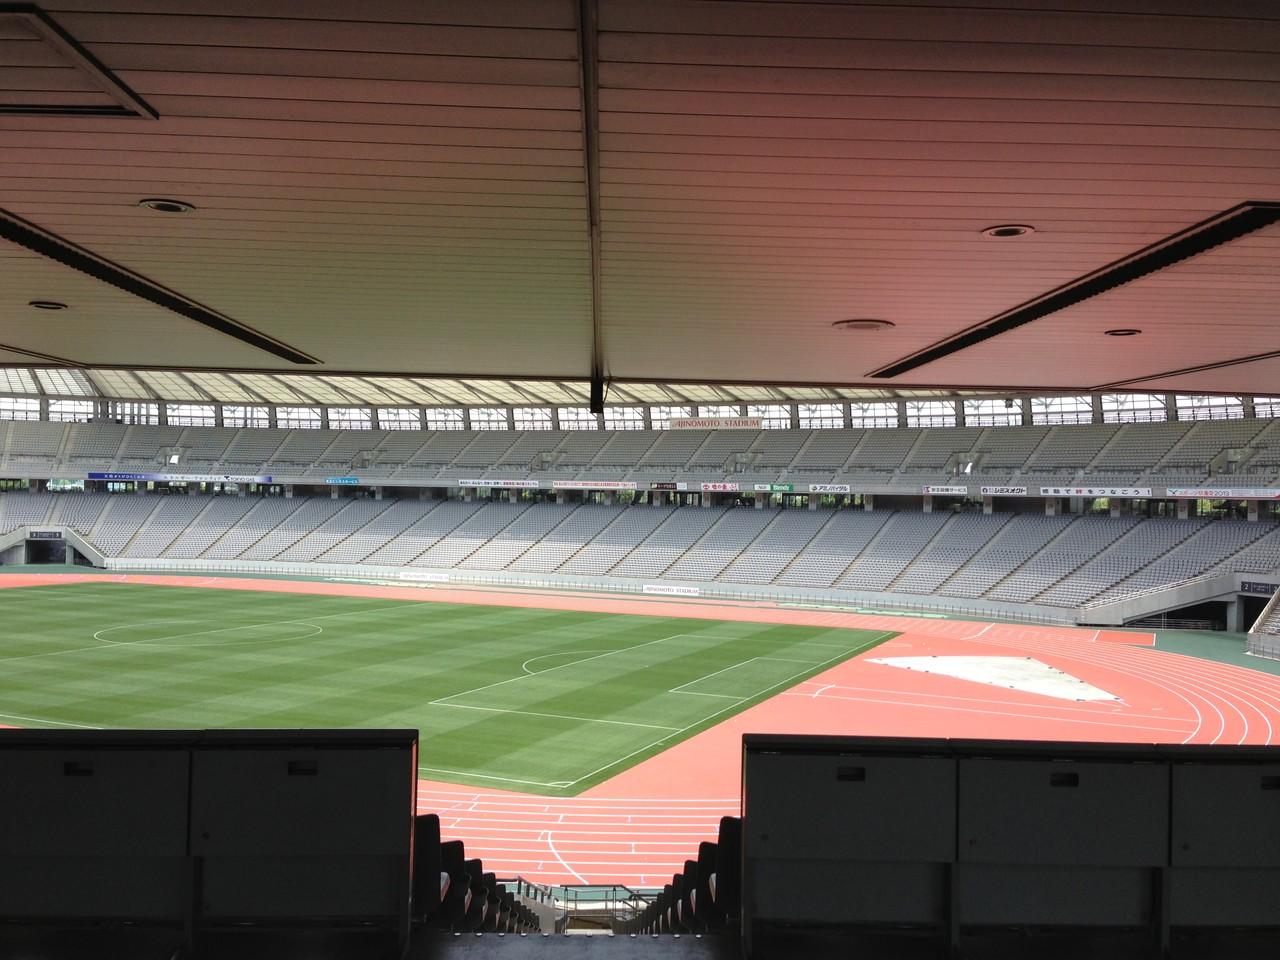 味の素スタジアム客席通路LED照明設備工事